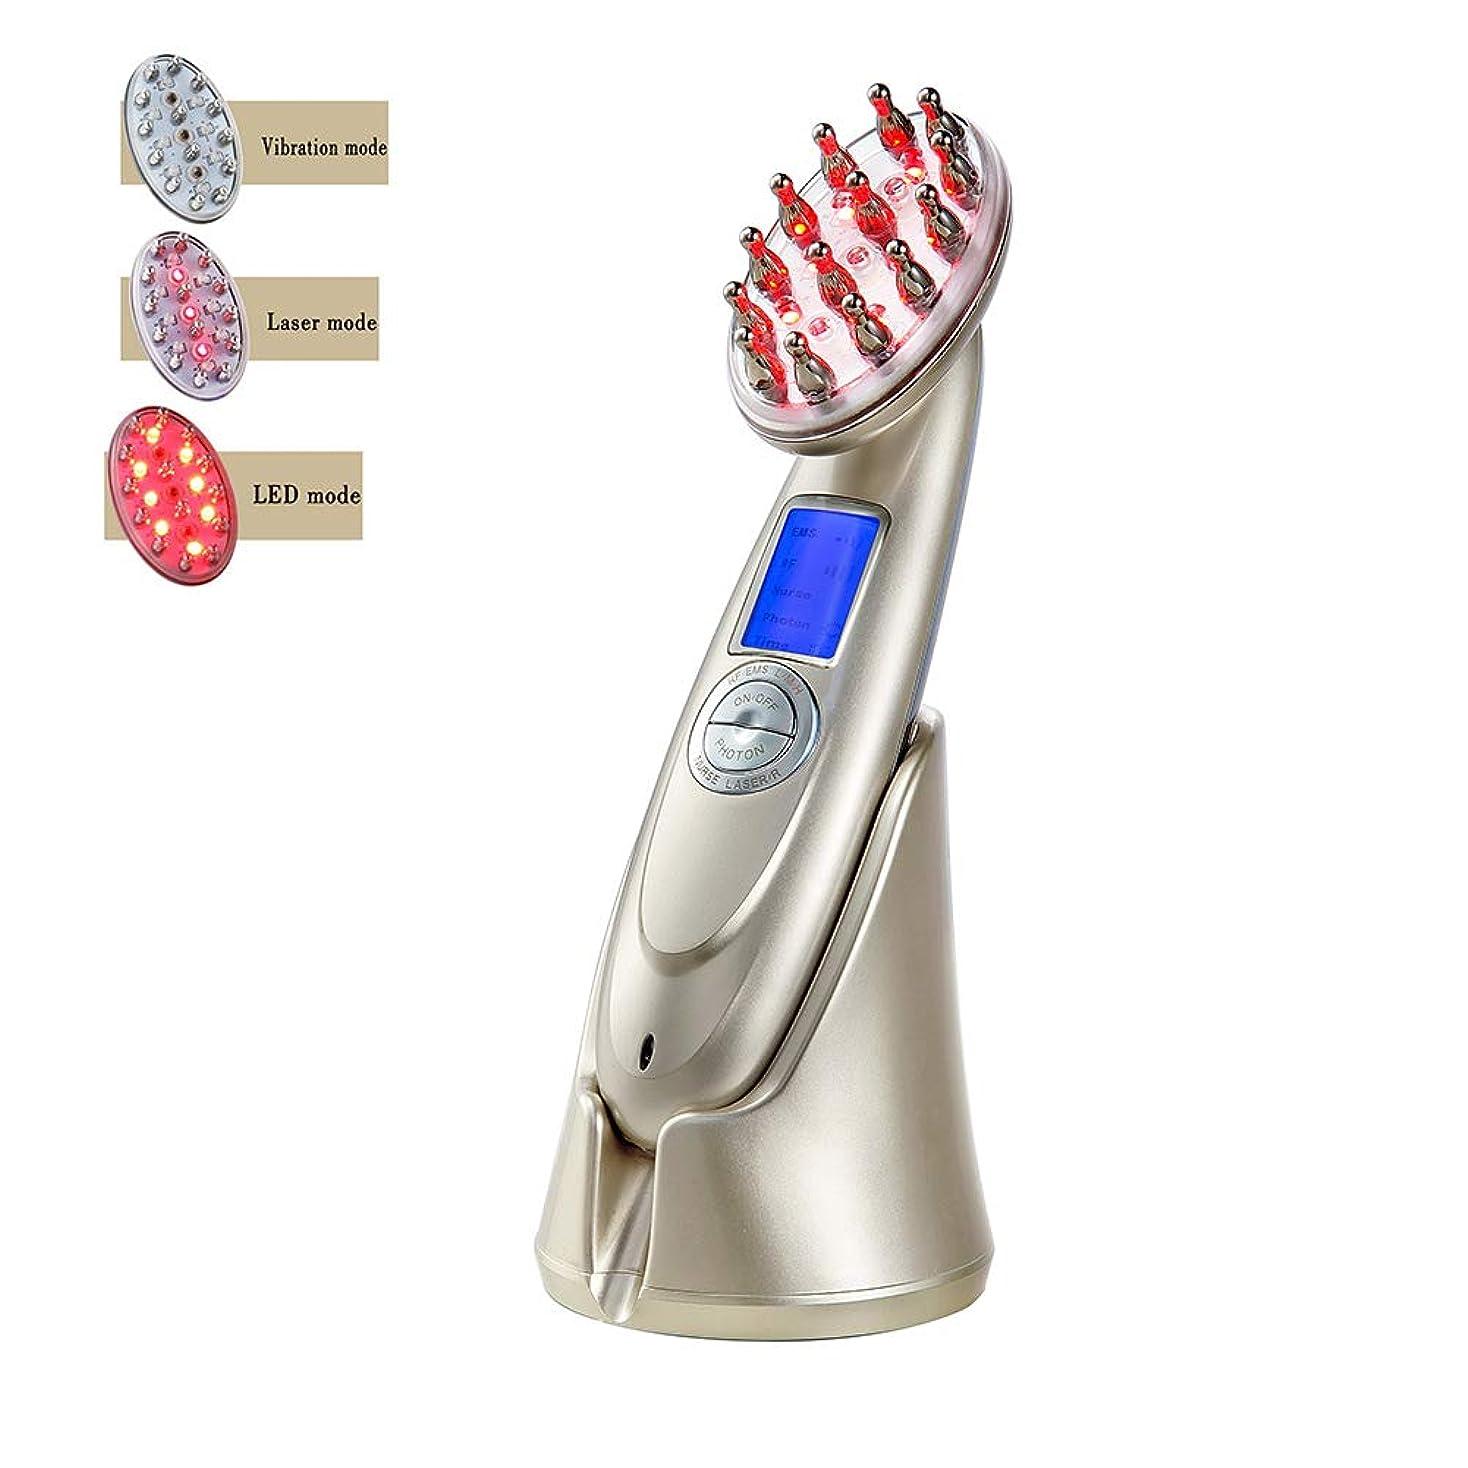 エゴマニア比べる不注意プロの電気髪成長レーザー櫛 RF EMS LED 光子光療法ブラシ抗脱毛治療マッサージヘア再生ブラシ